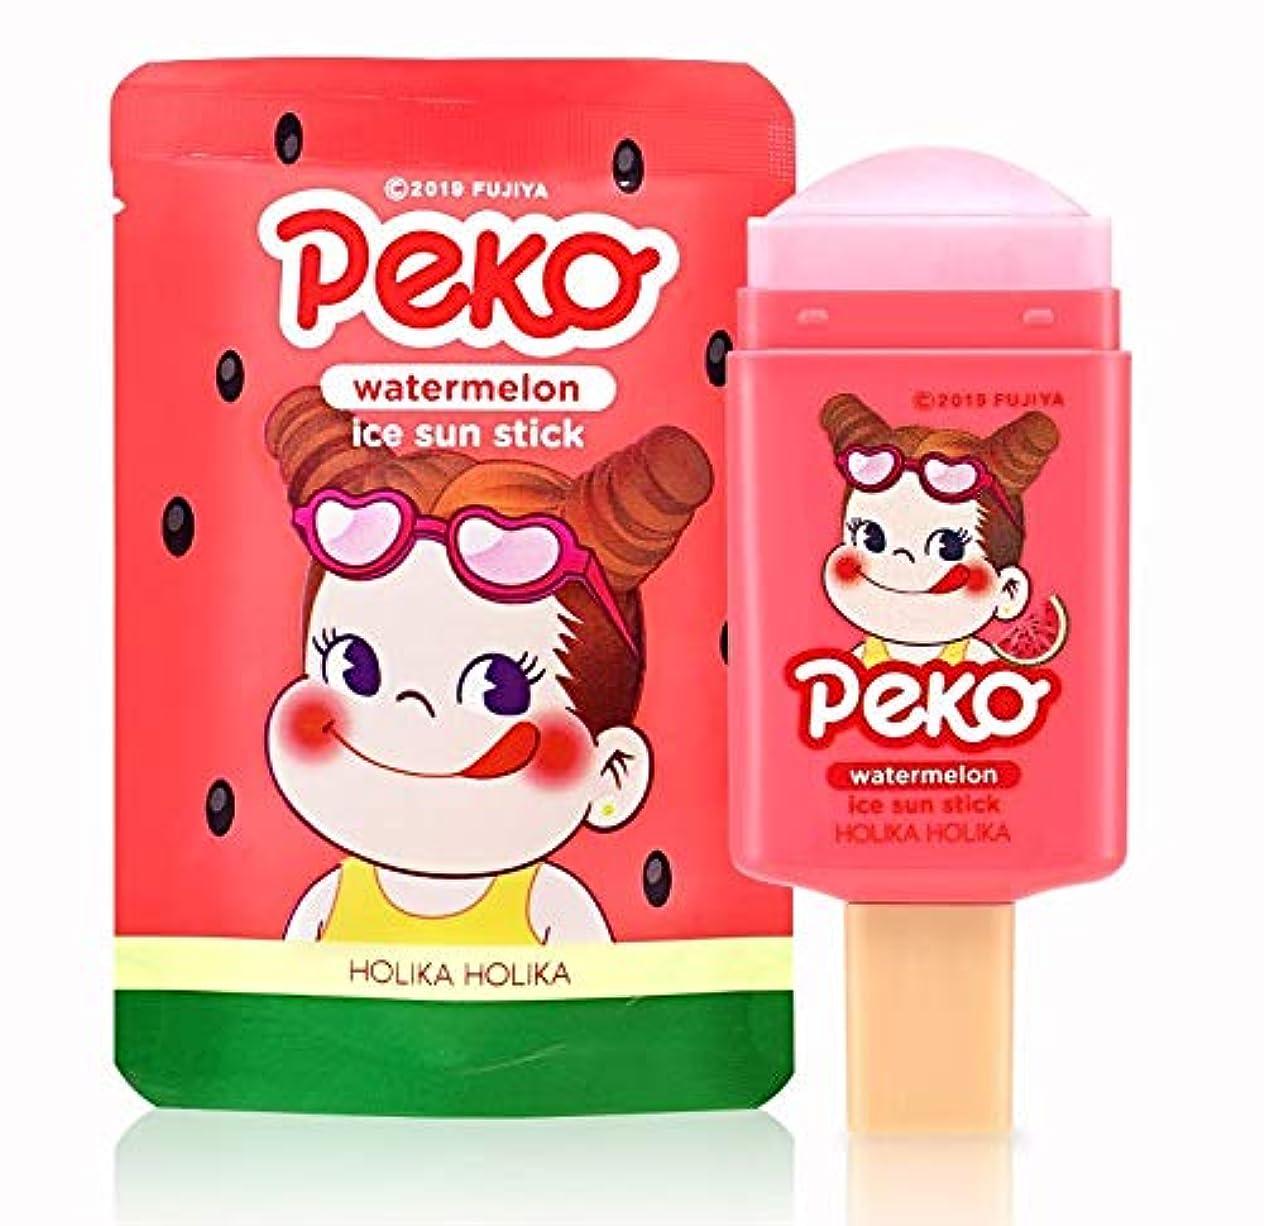 純度パースブラックボロウ水星ホリカホリカ [スイートペコエディション] スイカ アイス サン スティック 14g / Holika Holika [Sweet Peko Edition] Watermellon Ice Sun Stick SPF50...